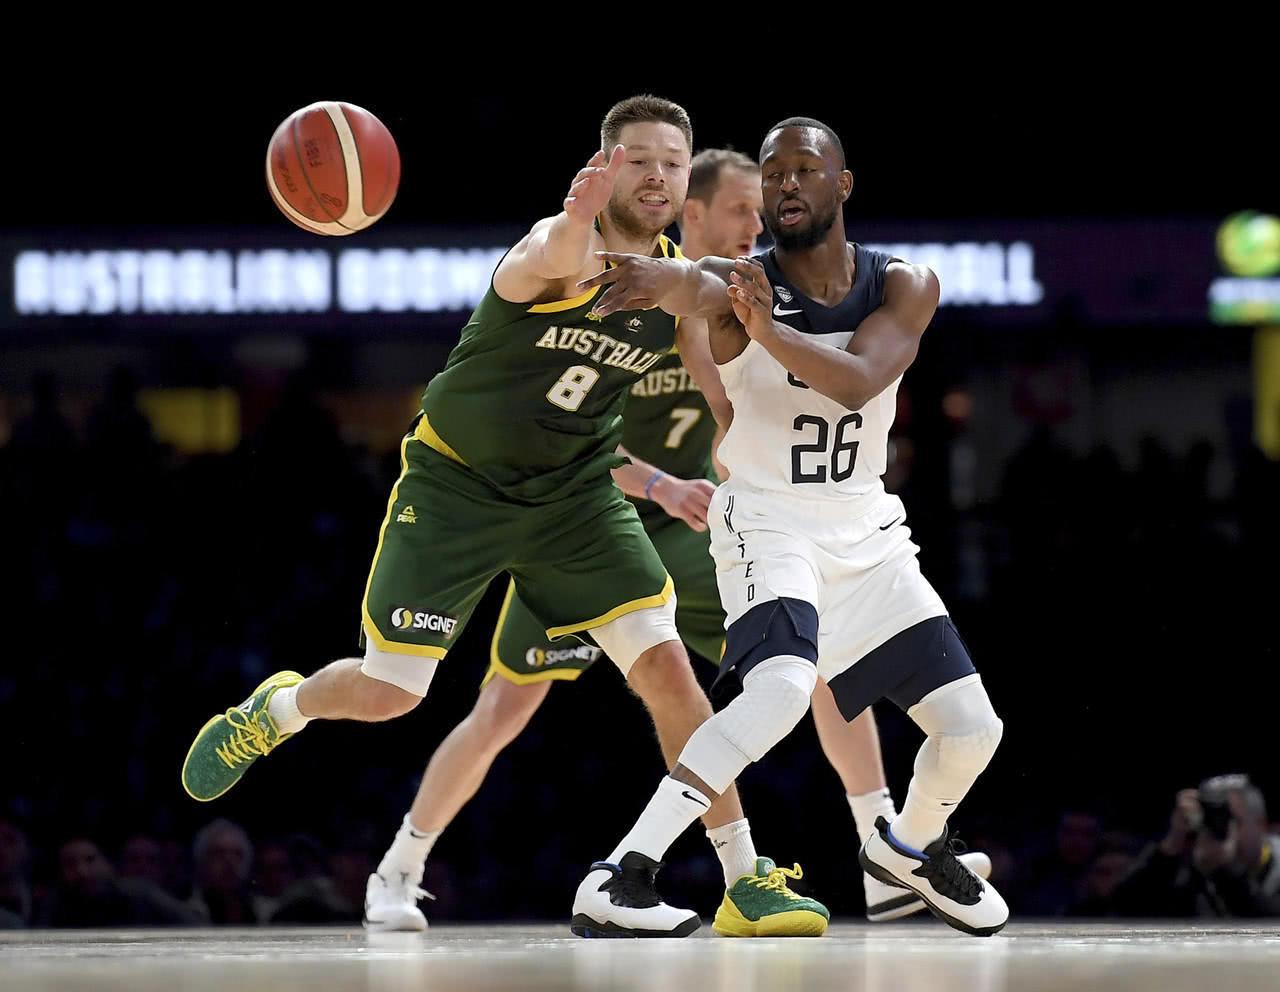 美国与澳大利亚热身赛现场观众人数刷新澳大利亚国内纪录